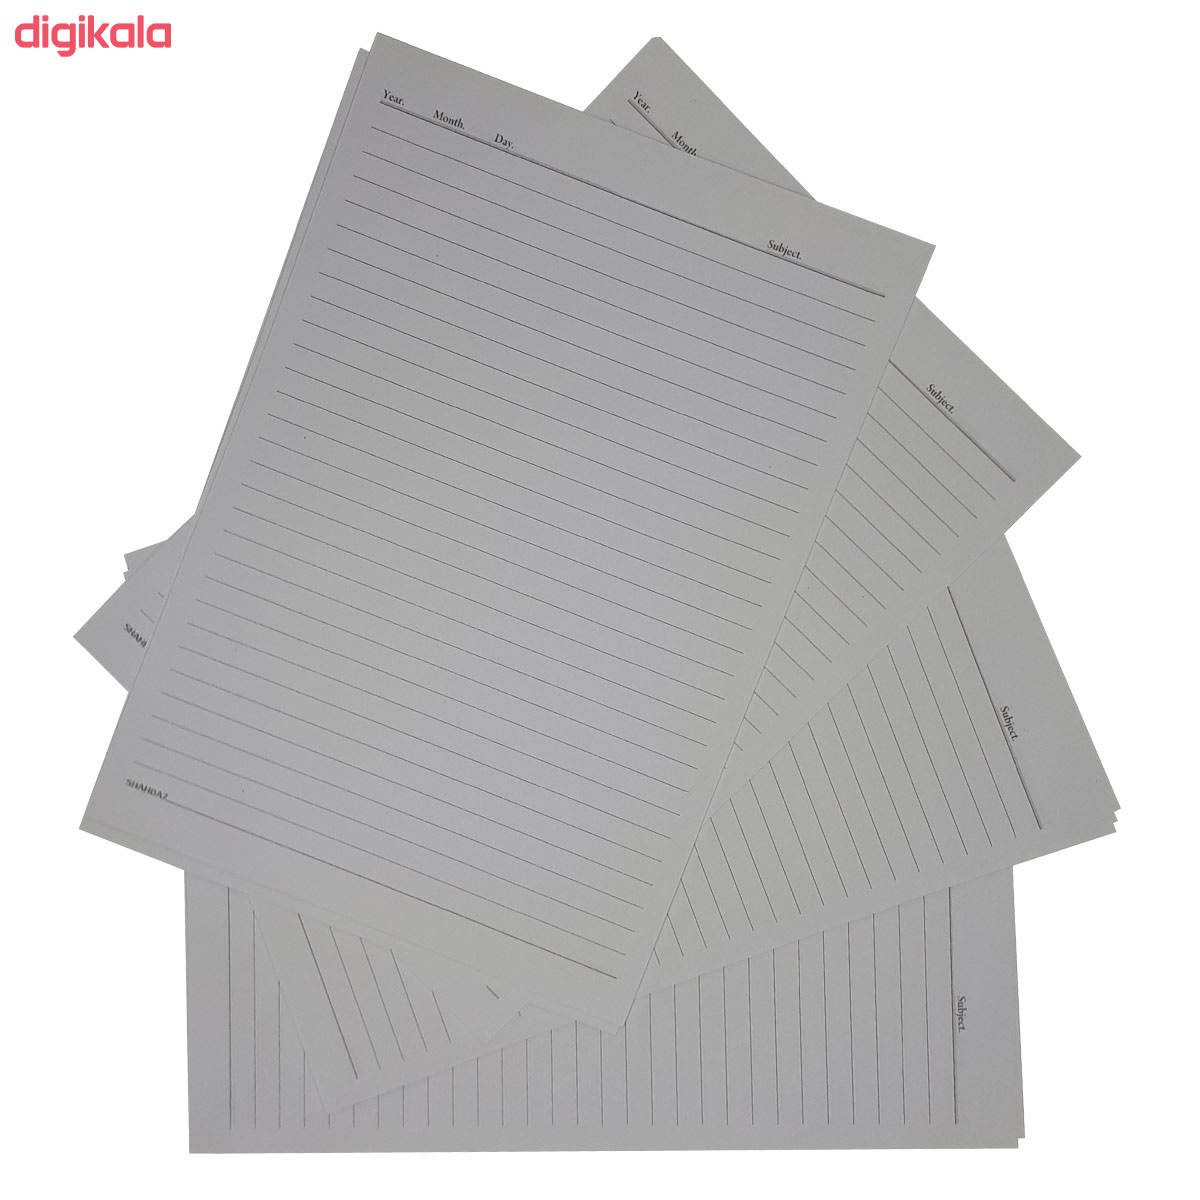 کاغذ A4 خط دار شهباز کد Y50 بسته 50 عددی  main 1 1